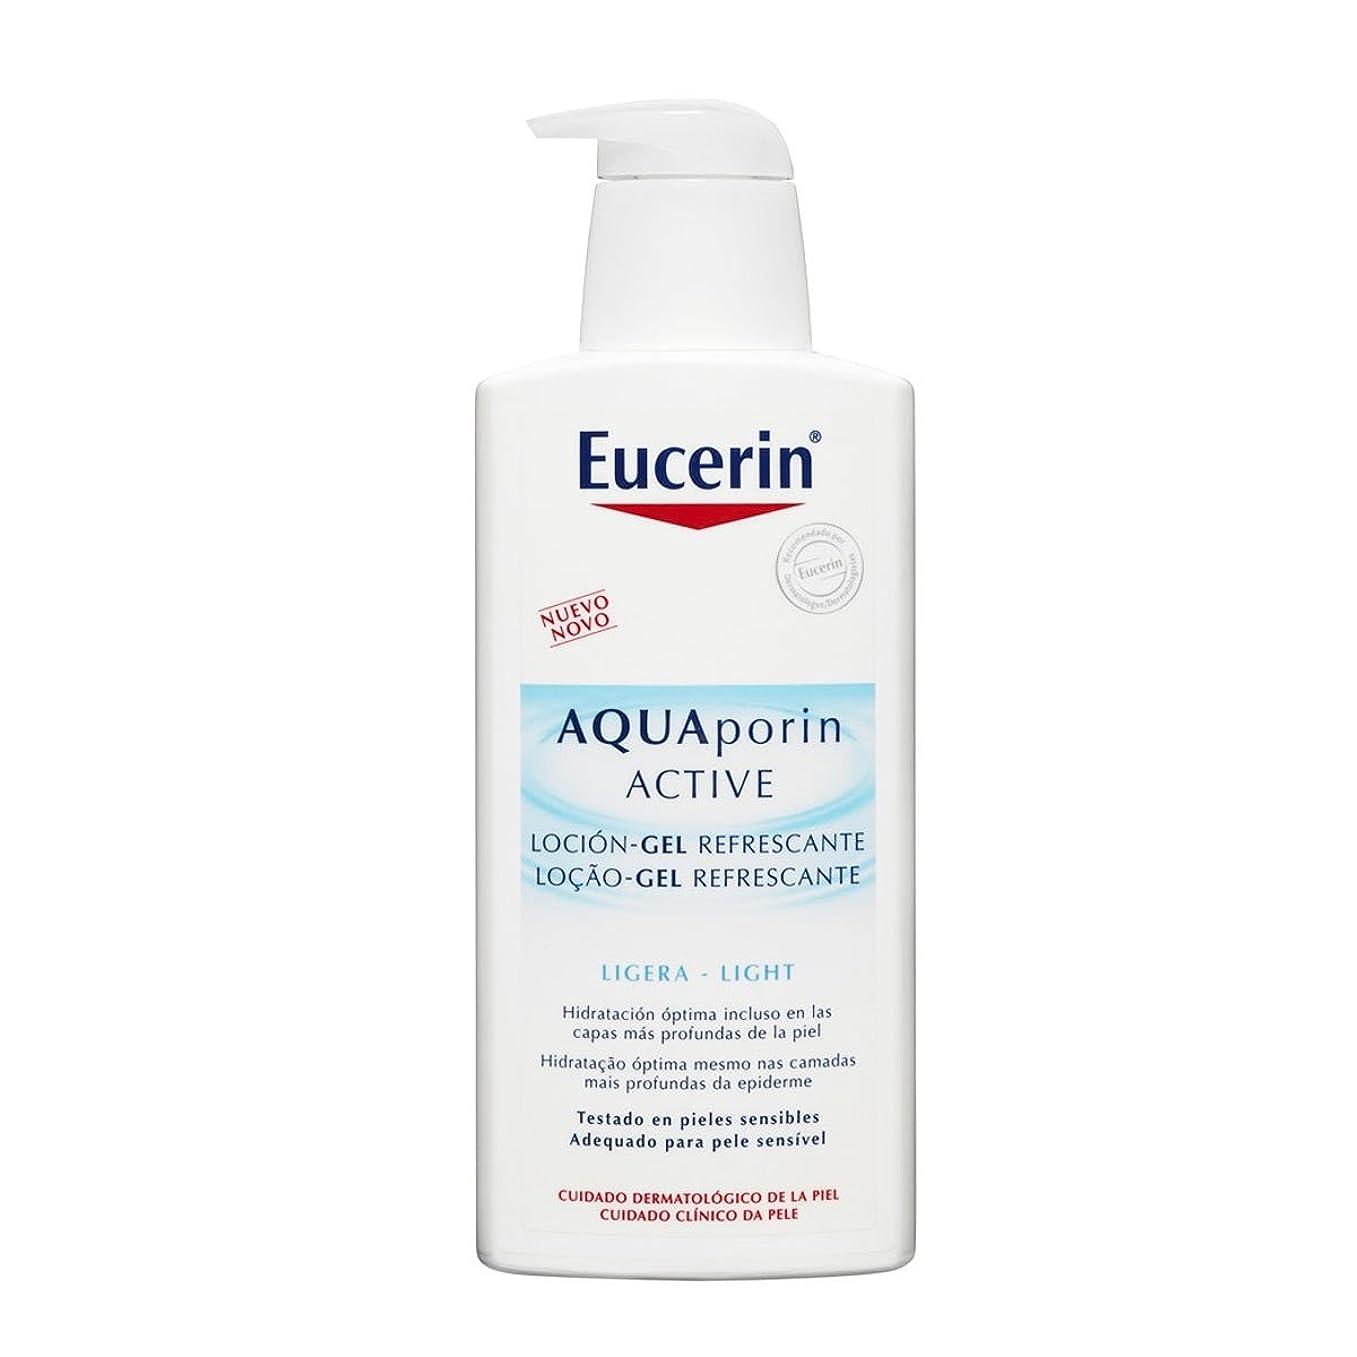 カプセル違うスタンドEucerin Aquaporin Active Intense Body Balm 400ml [並行輸入品]